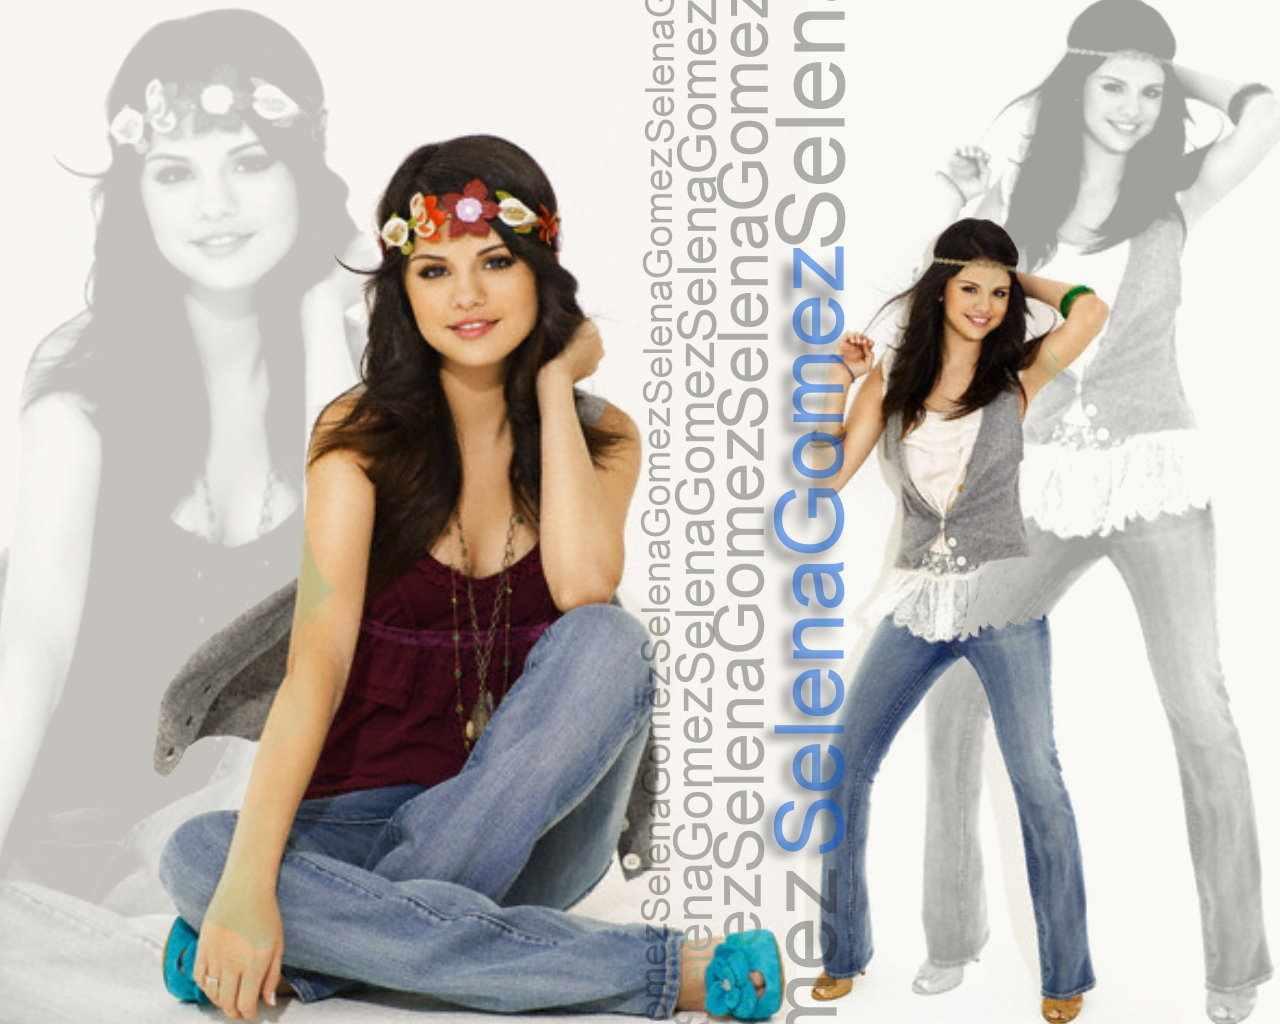 http://3.bp.blogspot.com/_fCAtMdq3Ayo/TVFlIwuhb9I/AAAAAAAACEQ/nVgppkVZRWk/s1600/Selena-Gomez.jpg